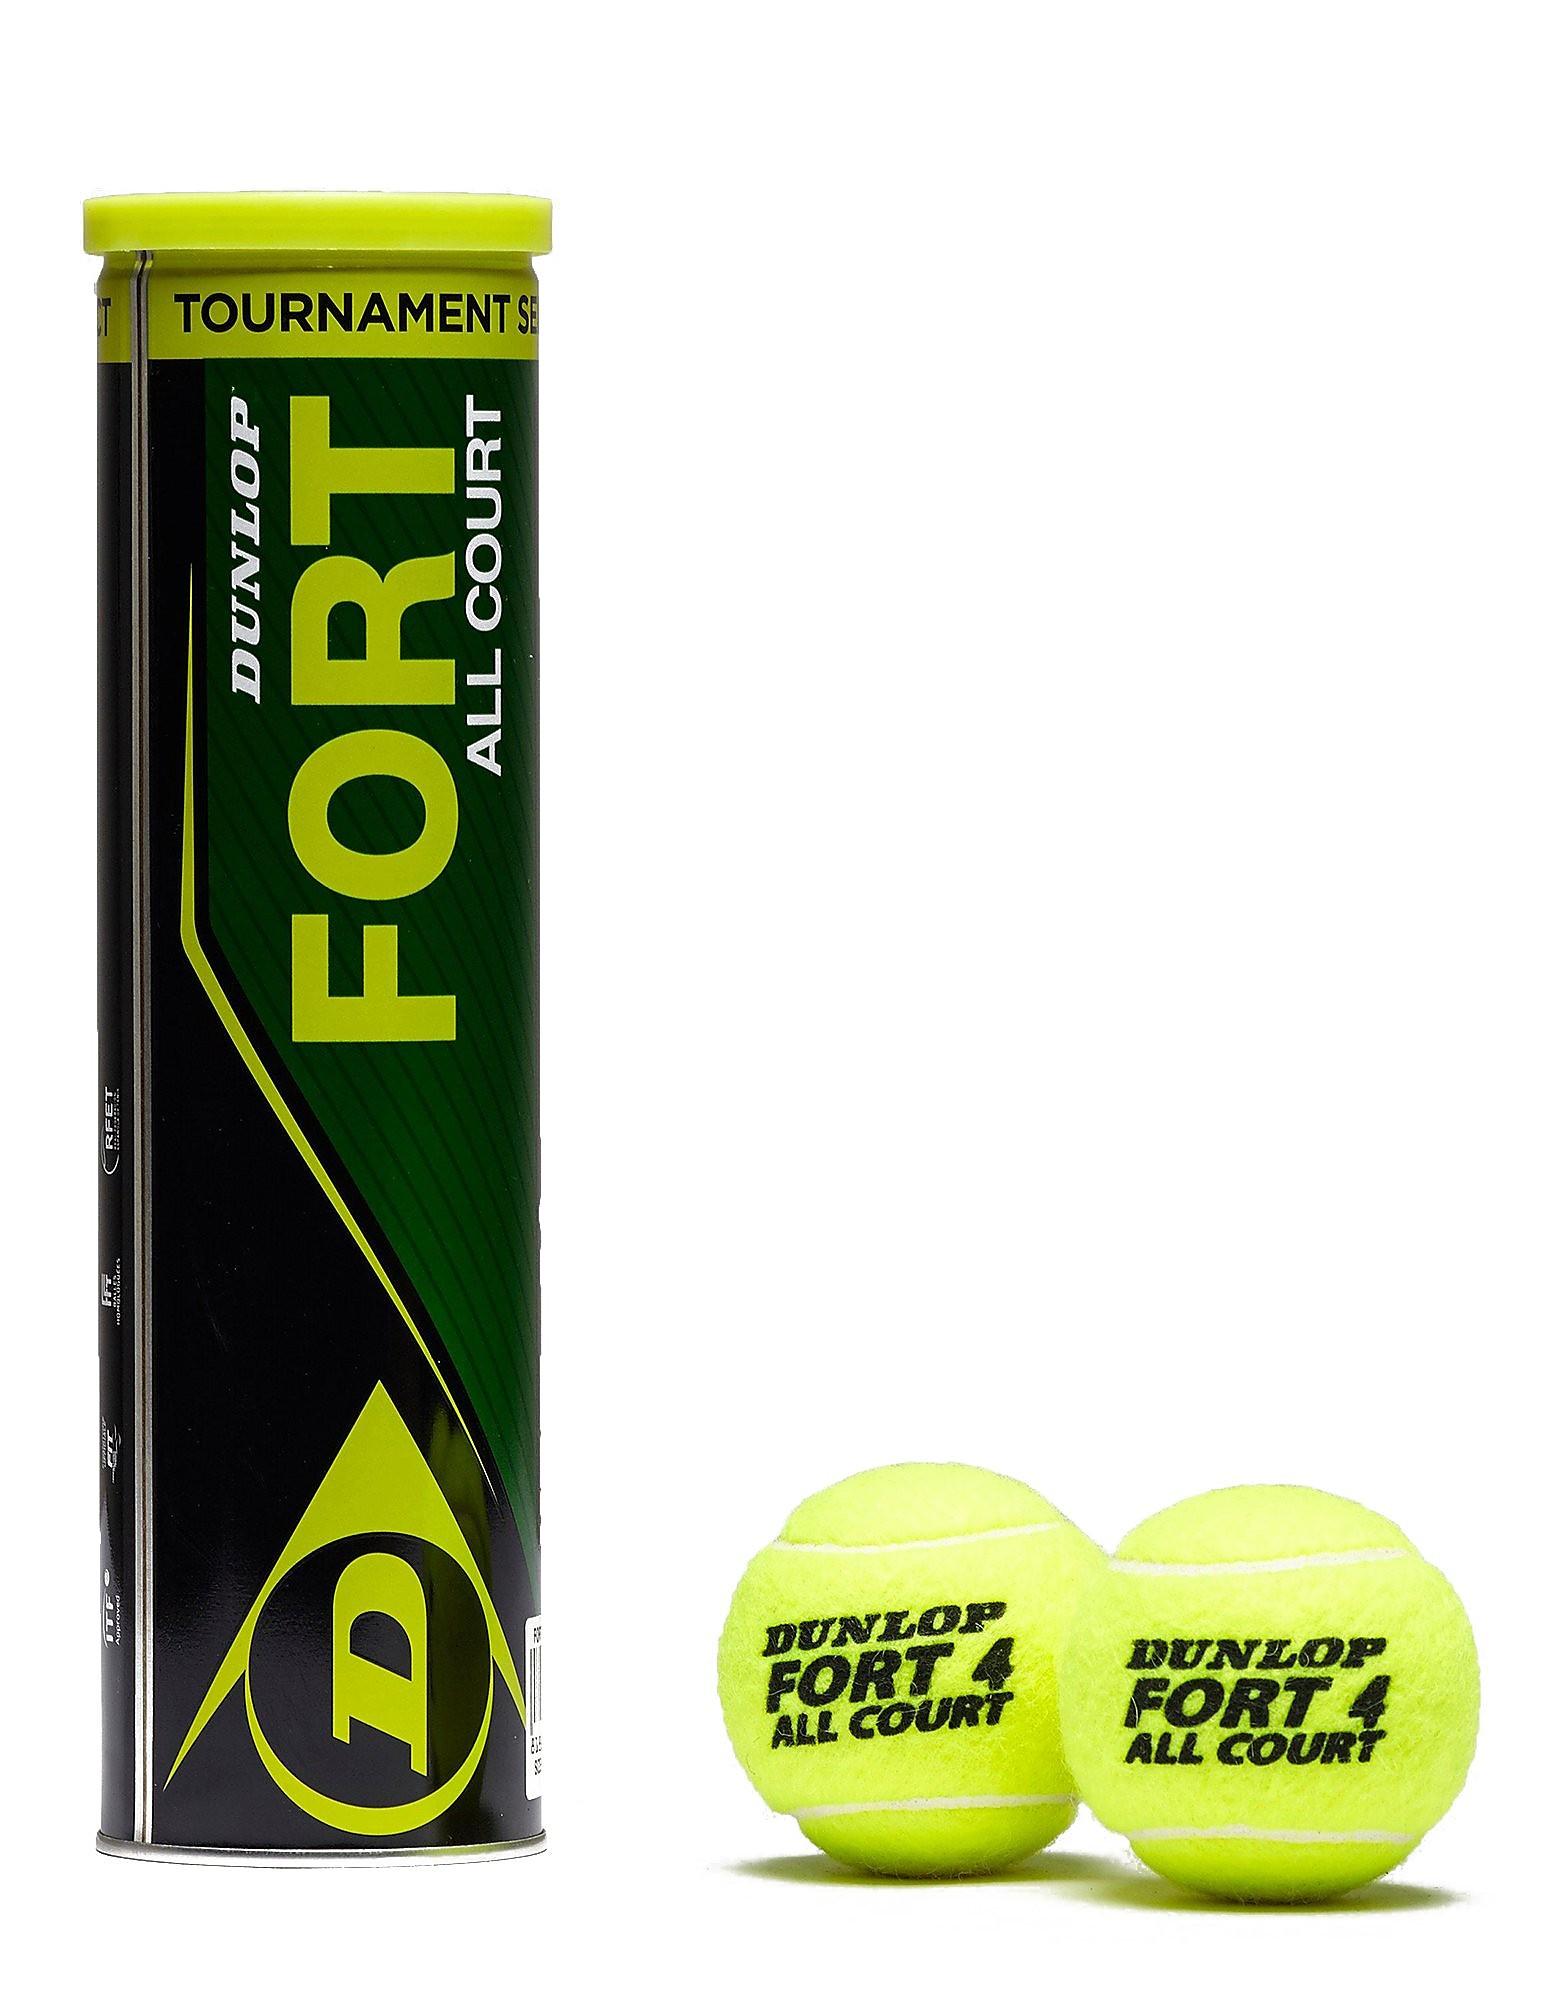 Dunlop Fort All Court Tennis Balls 4 Balls